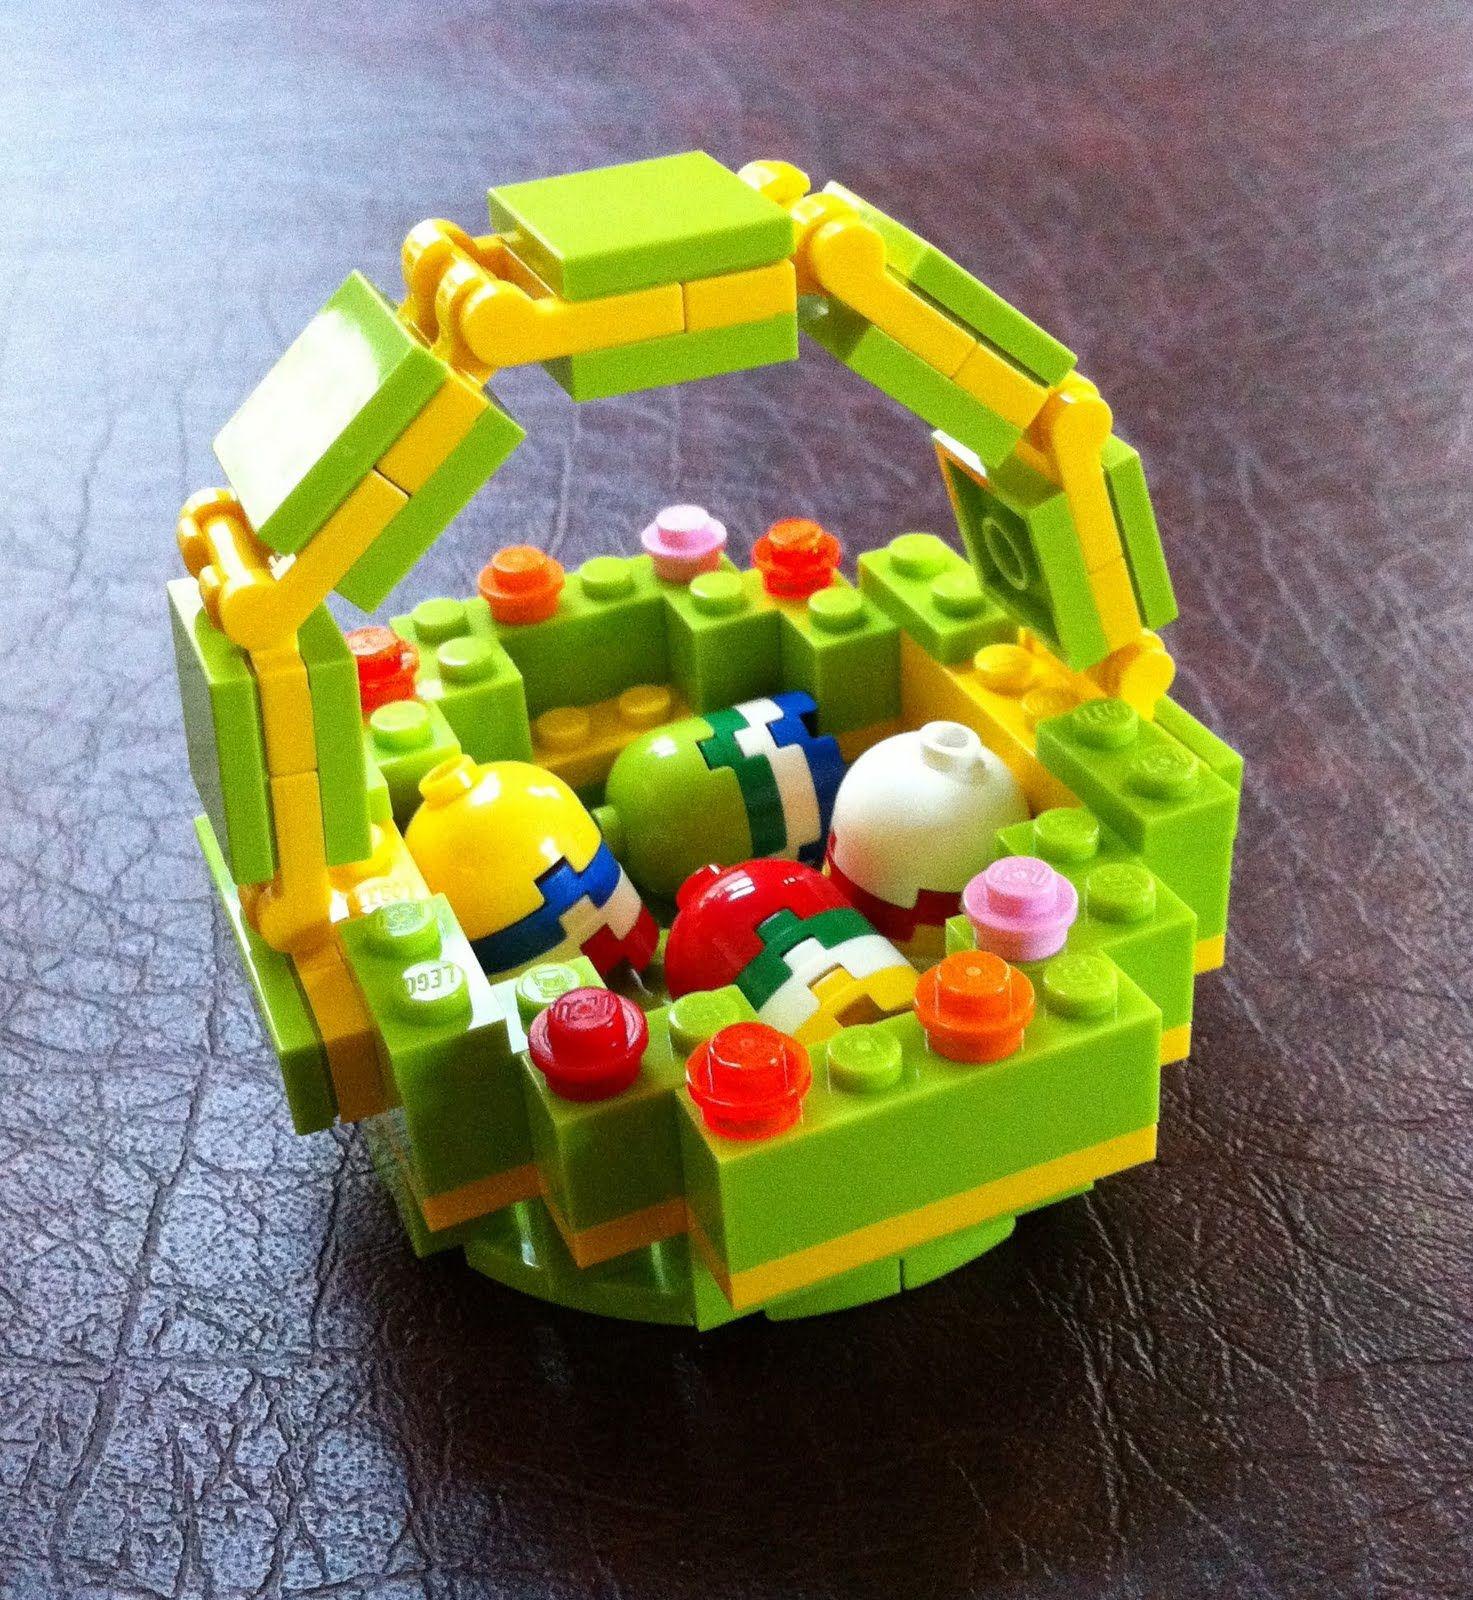 Lego Easter Basket Legos Lego Store Lego Lego Duplo